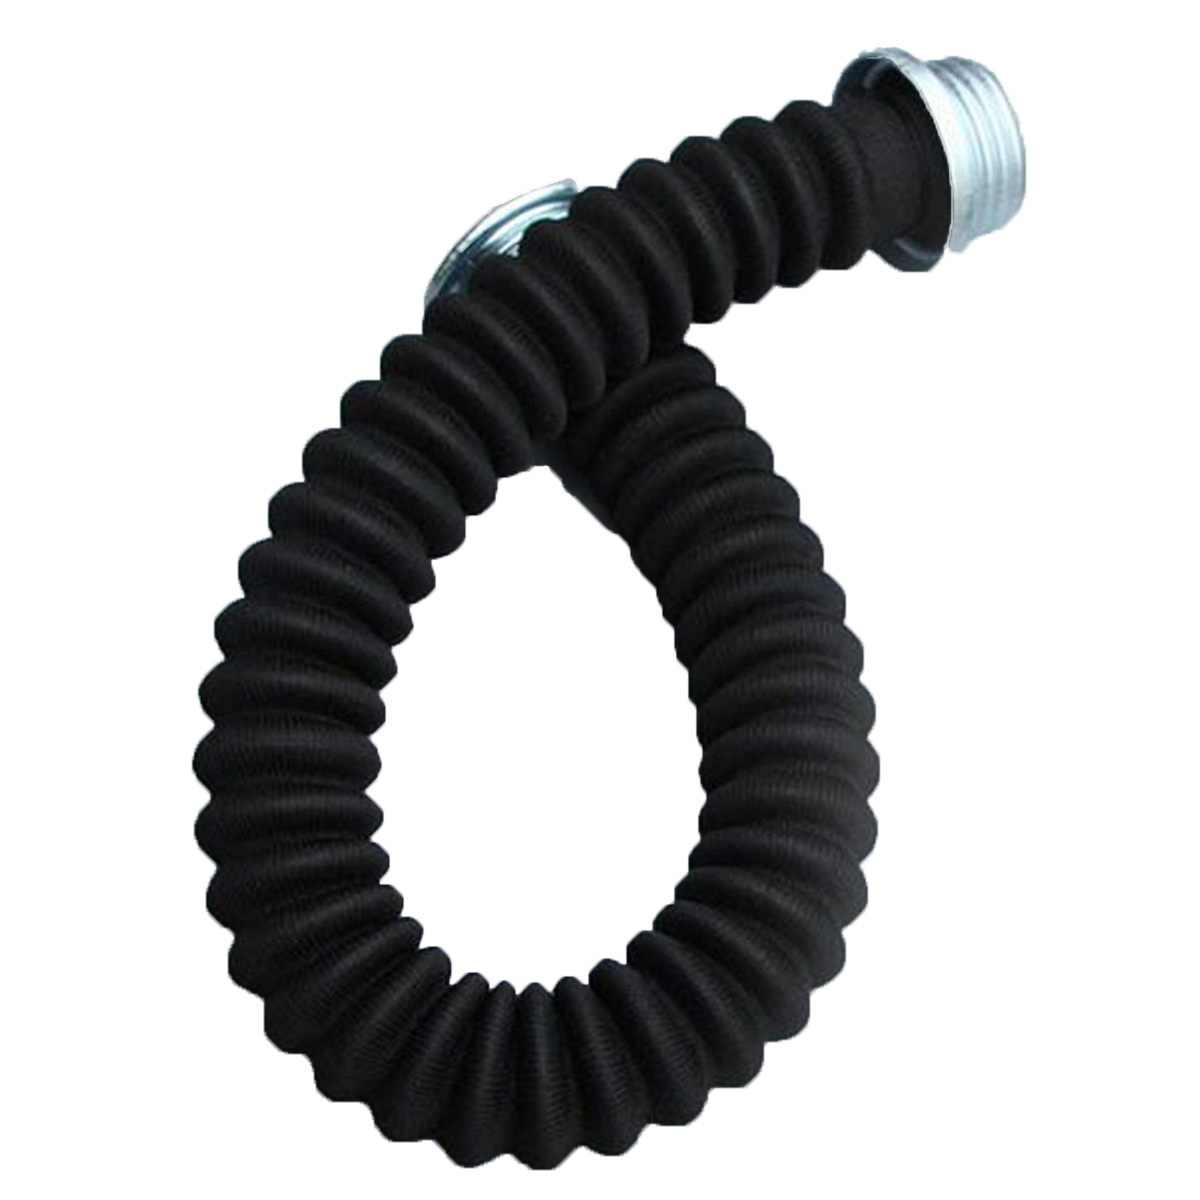 50 cm Universal Black Rubber Gas Masker Slang Buis Verbinding Tussen Gas Masker En Filter Cartridge Beschermende Masker Deel Accessoire